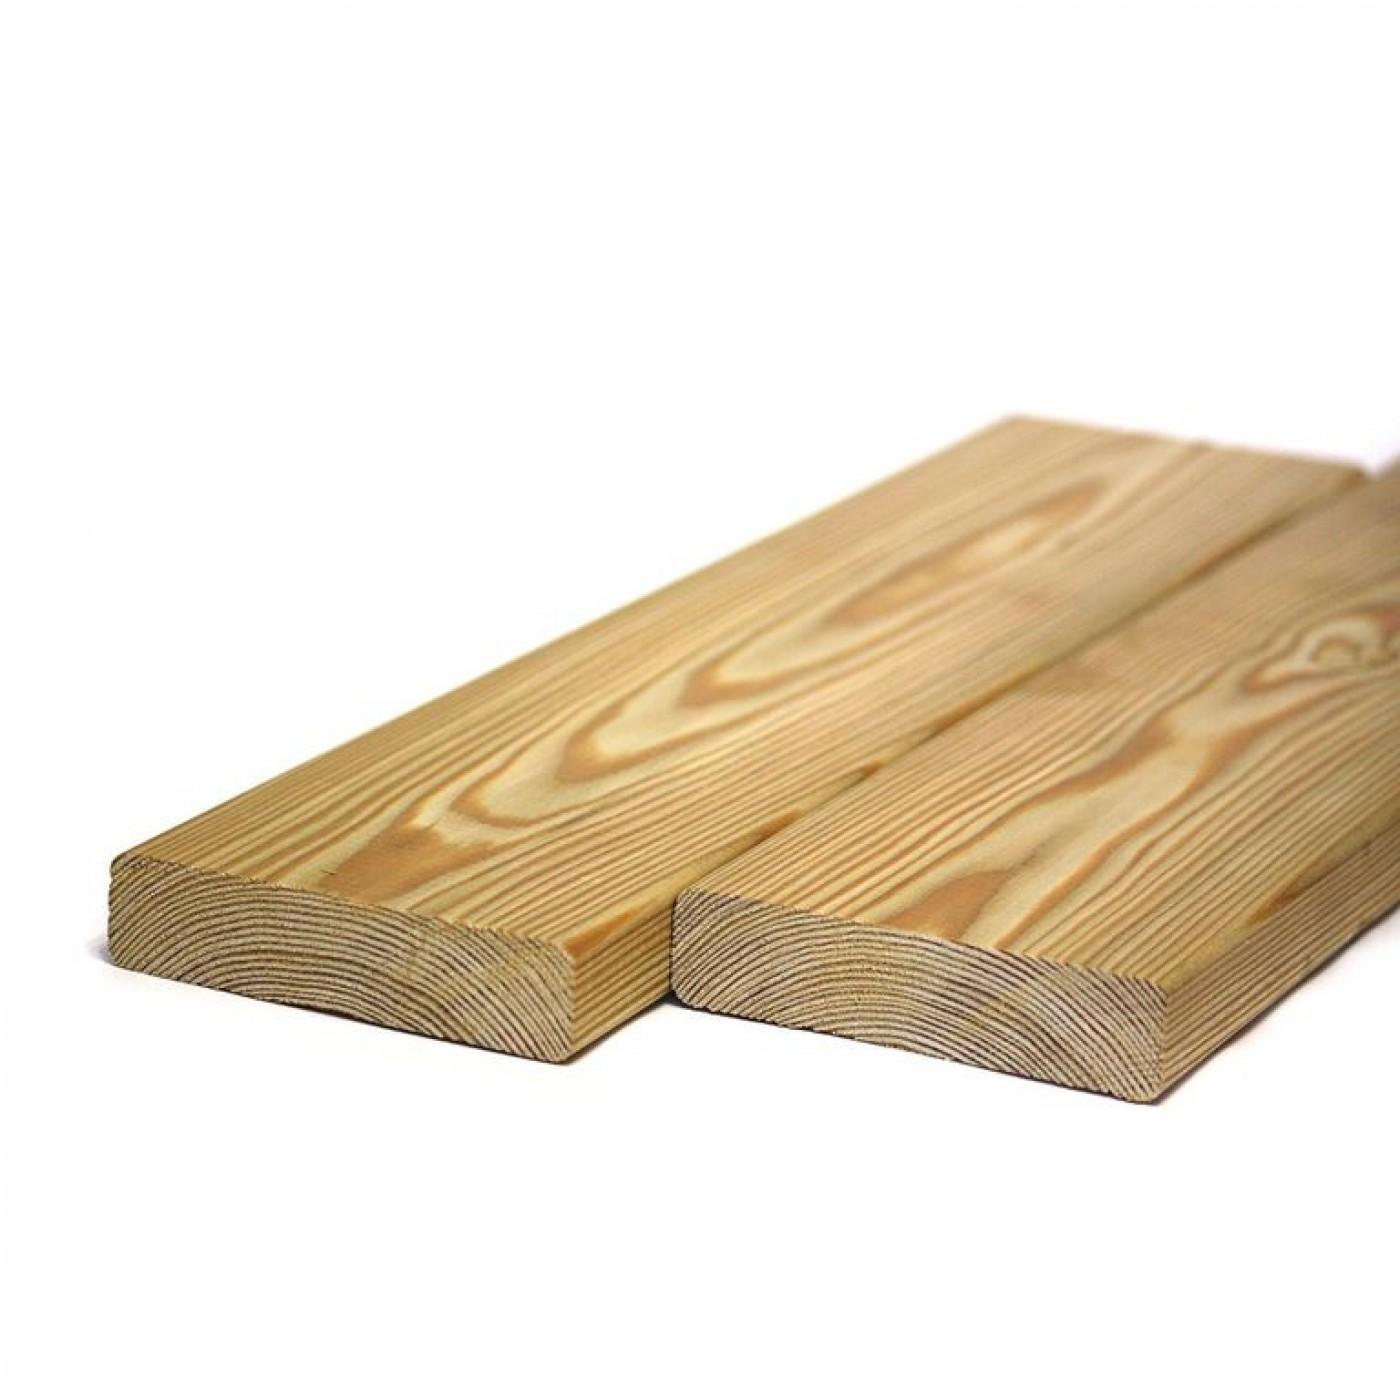 Палубная доска (39 фото): отличие от террасной, доска из сосны, термоясеня и дпк. что это такое? монтаж и виды креплений, размеры